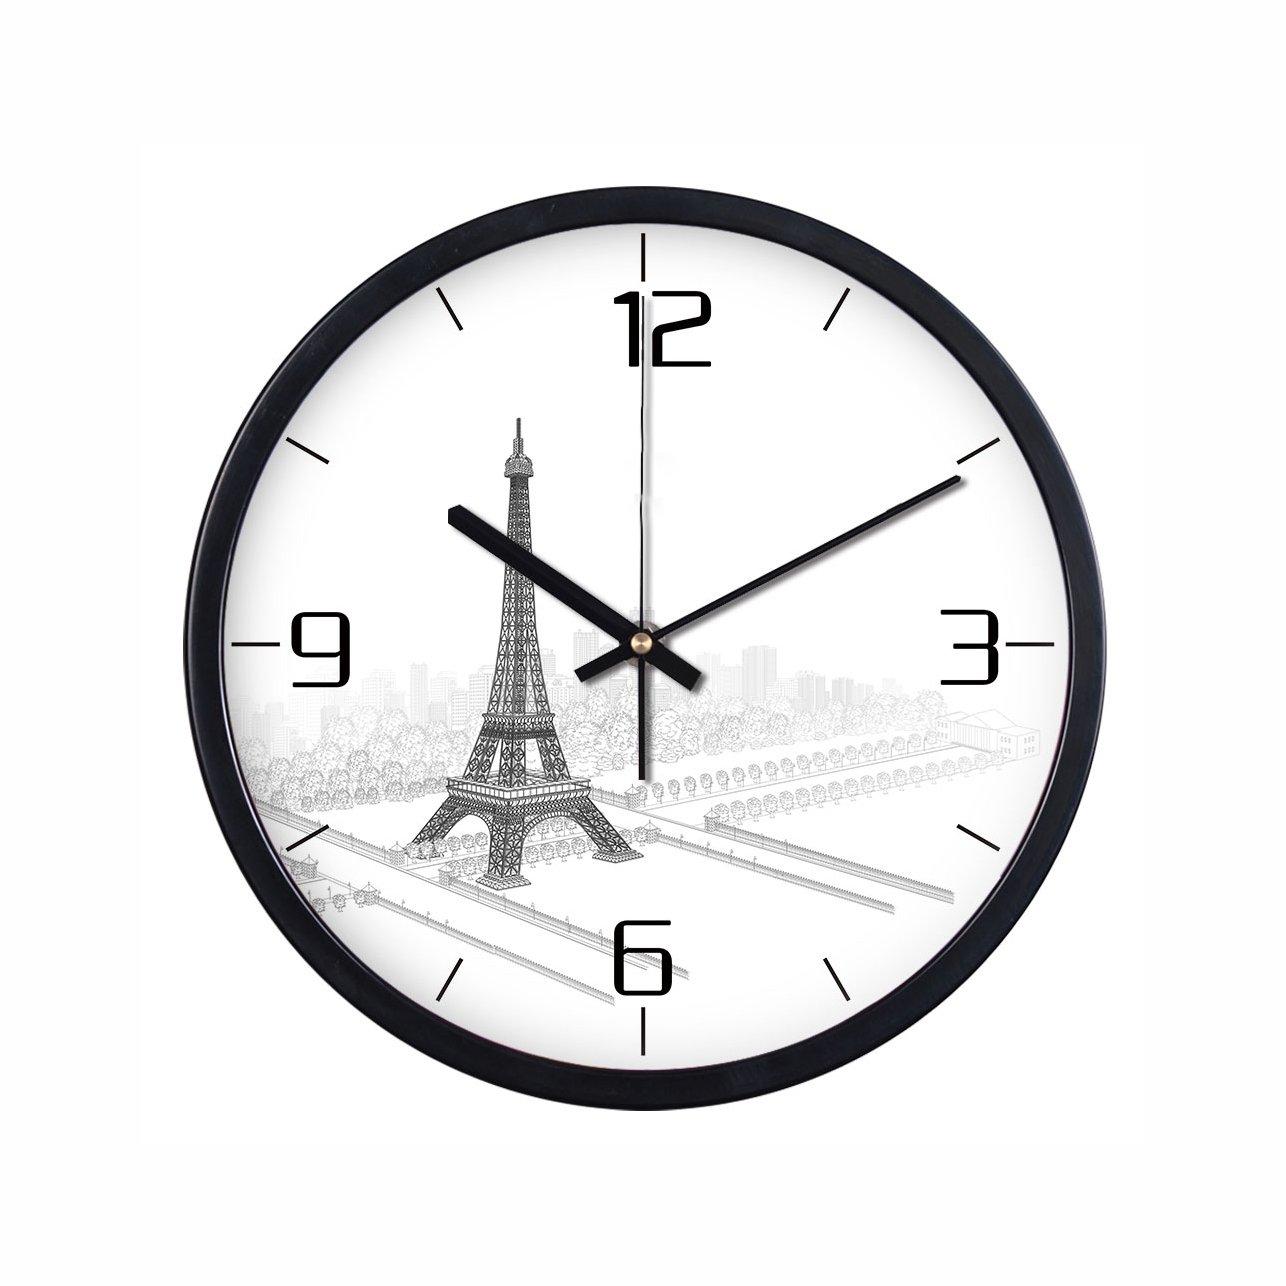 ヨーロッパのラウンドレトロメタルミュートの壁時計エッフェル塔のリビングルームのベッドルーム創造的な装飾的な壁のチャートサイレントクォーツ時計 (色 : ブラック, サイズ さいず : S s) B07CYS2MCJ S s|ブラック ブラック S s